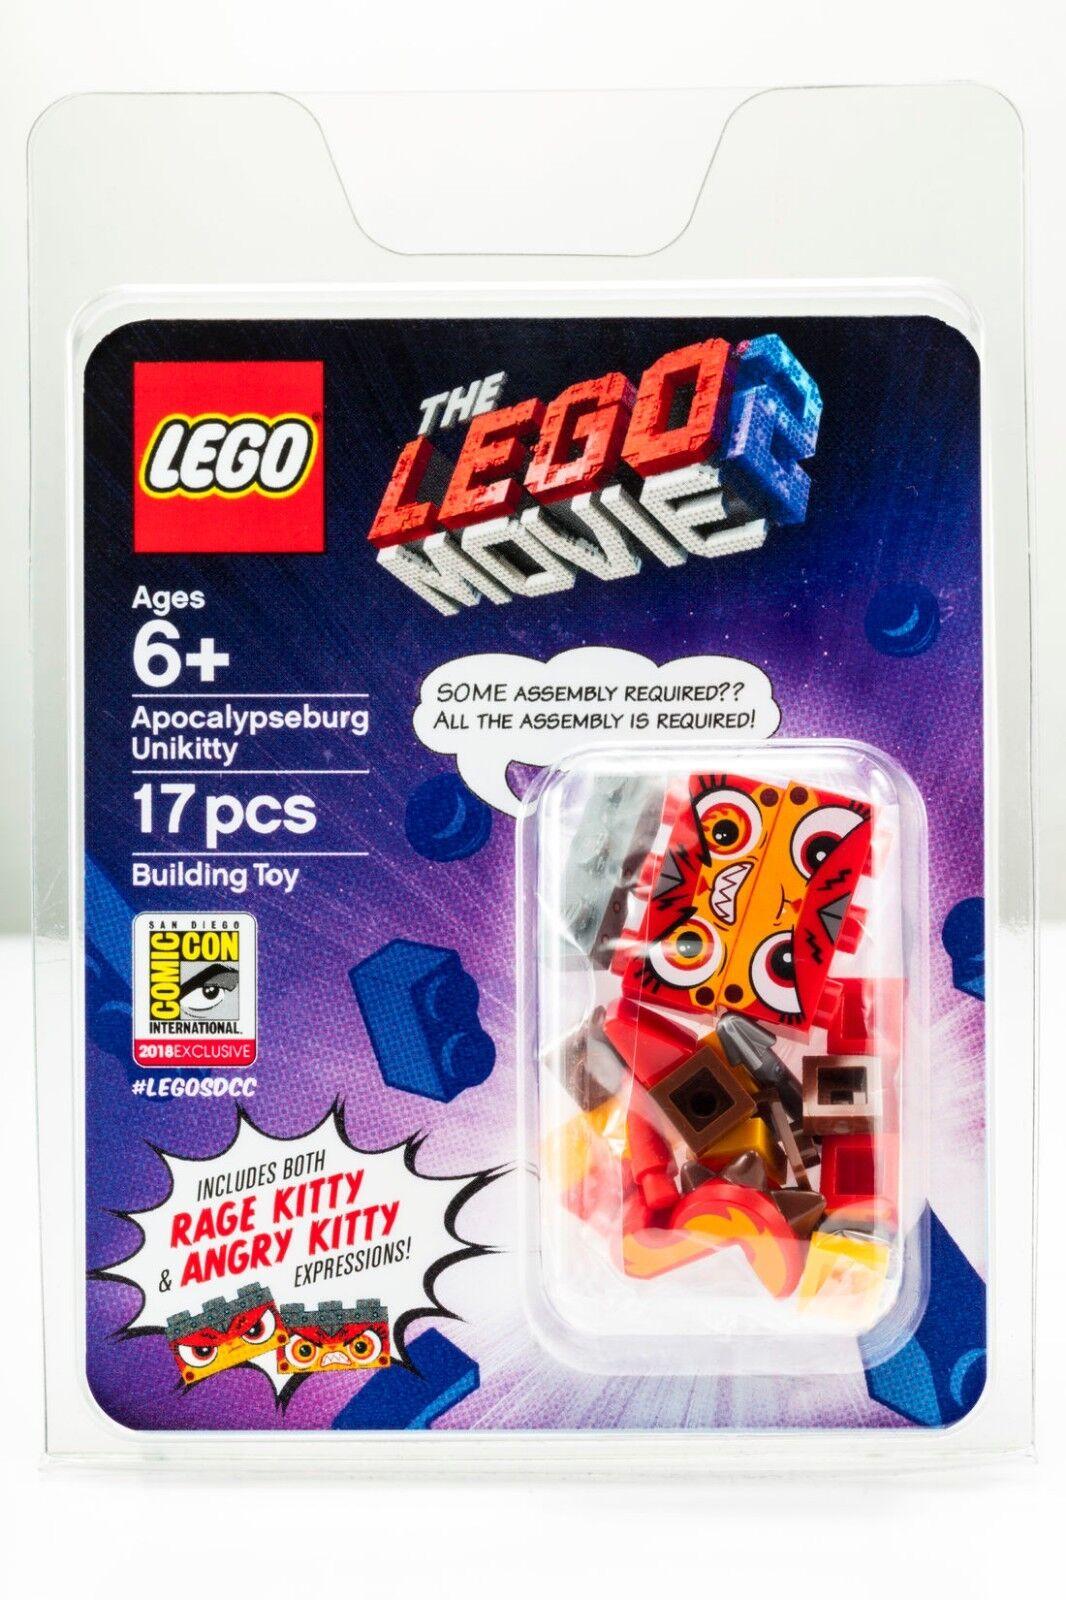 SDCC 2018 Lego Exclusive Minifigure Apocalypseburg unikitty from the Lego Movie